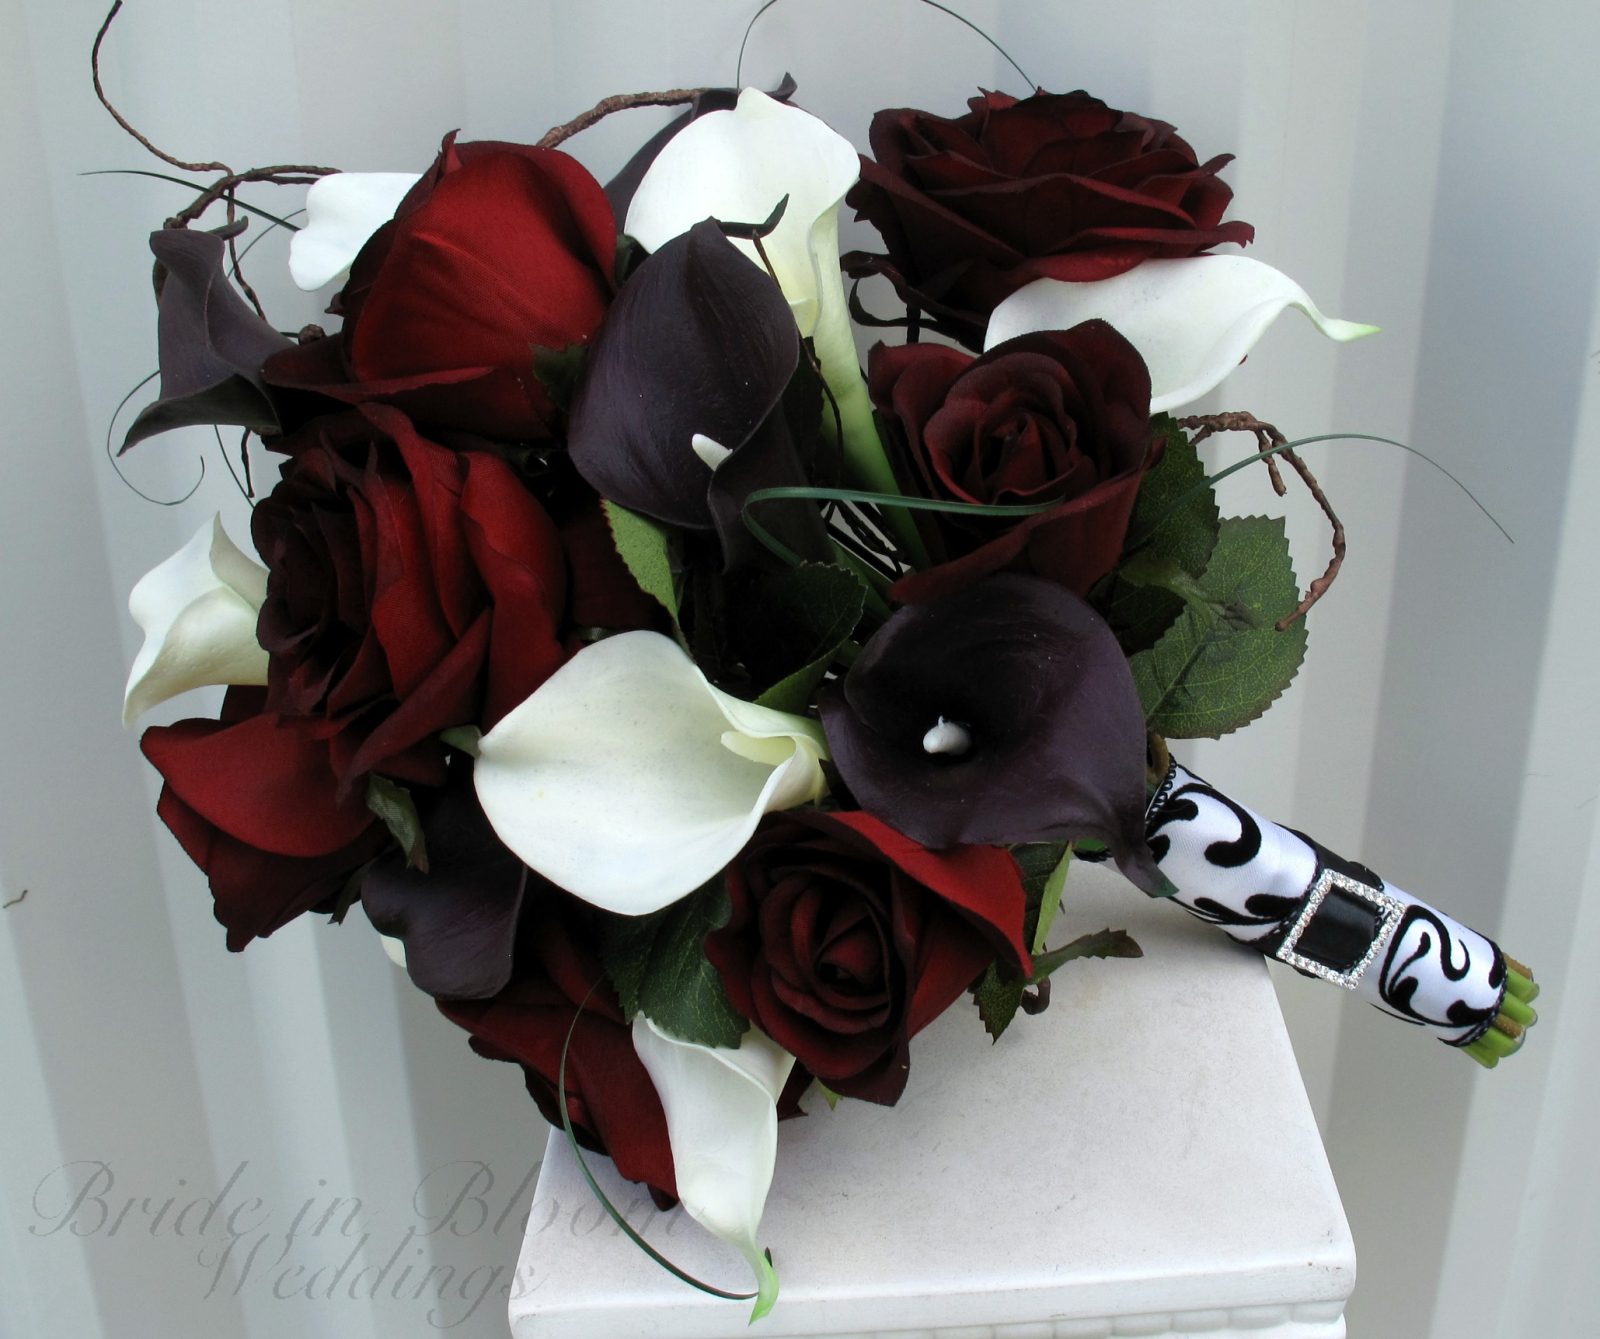 Rose Calla Lily Wedding Bouquet Bride In Bloom